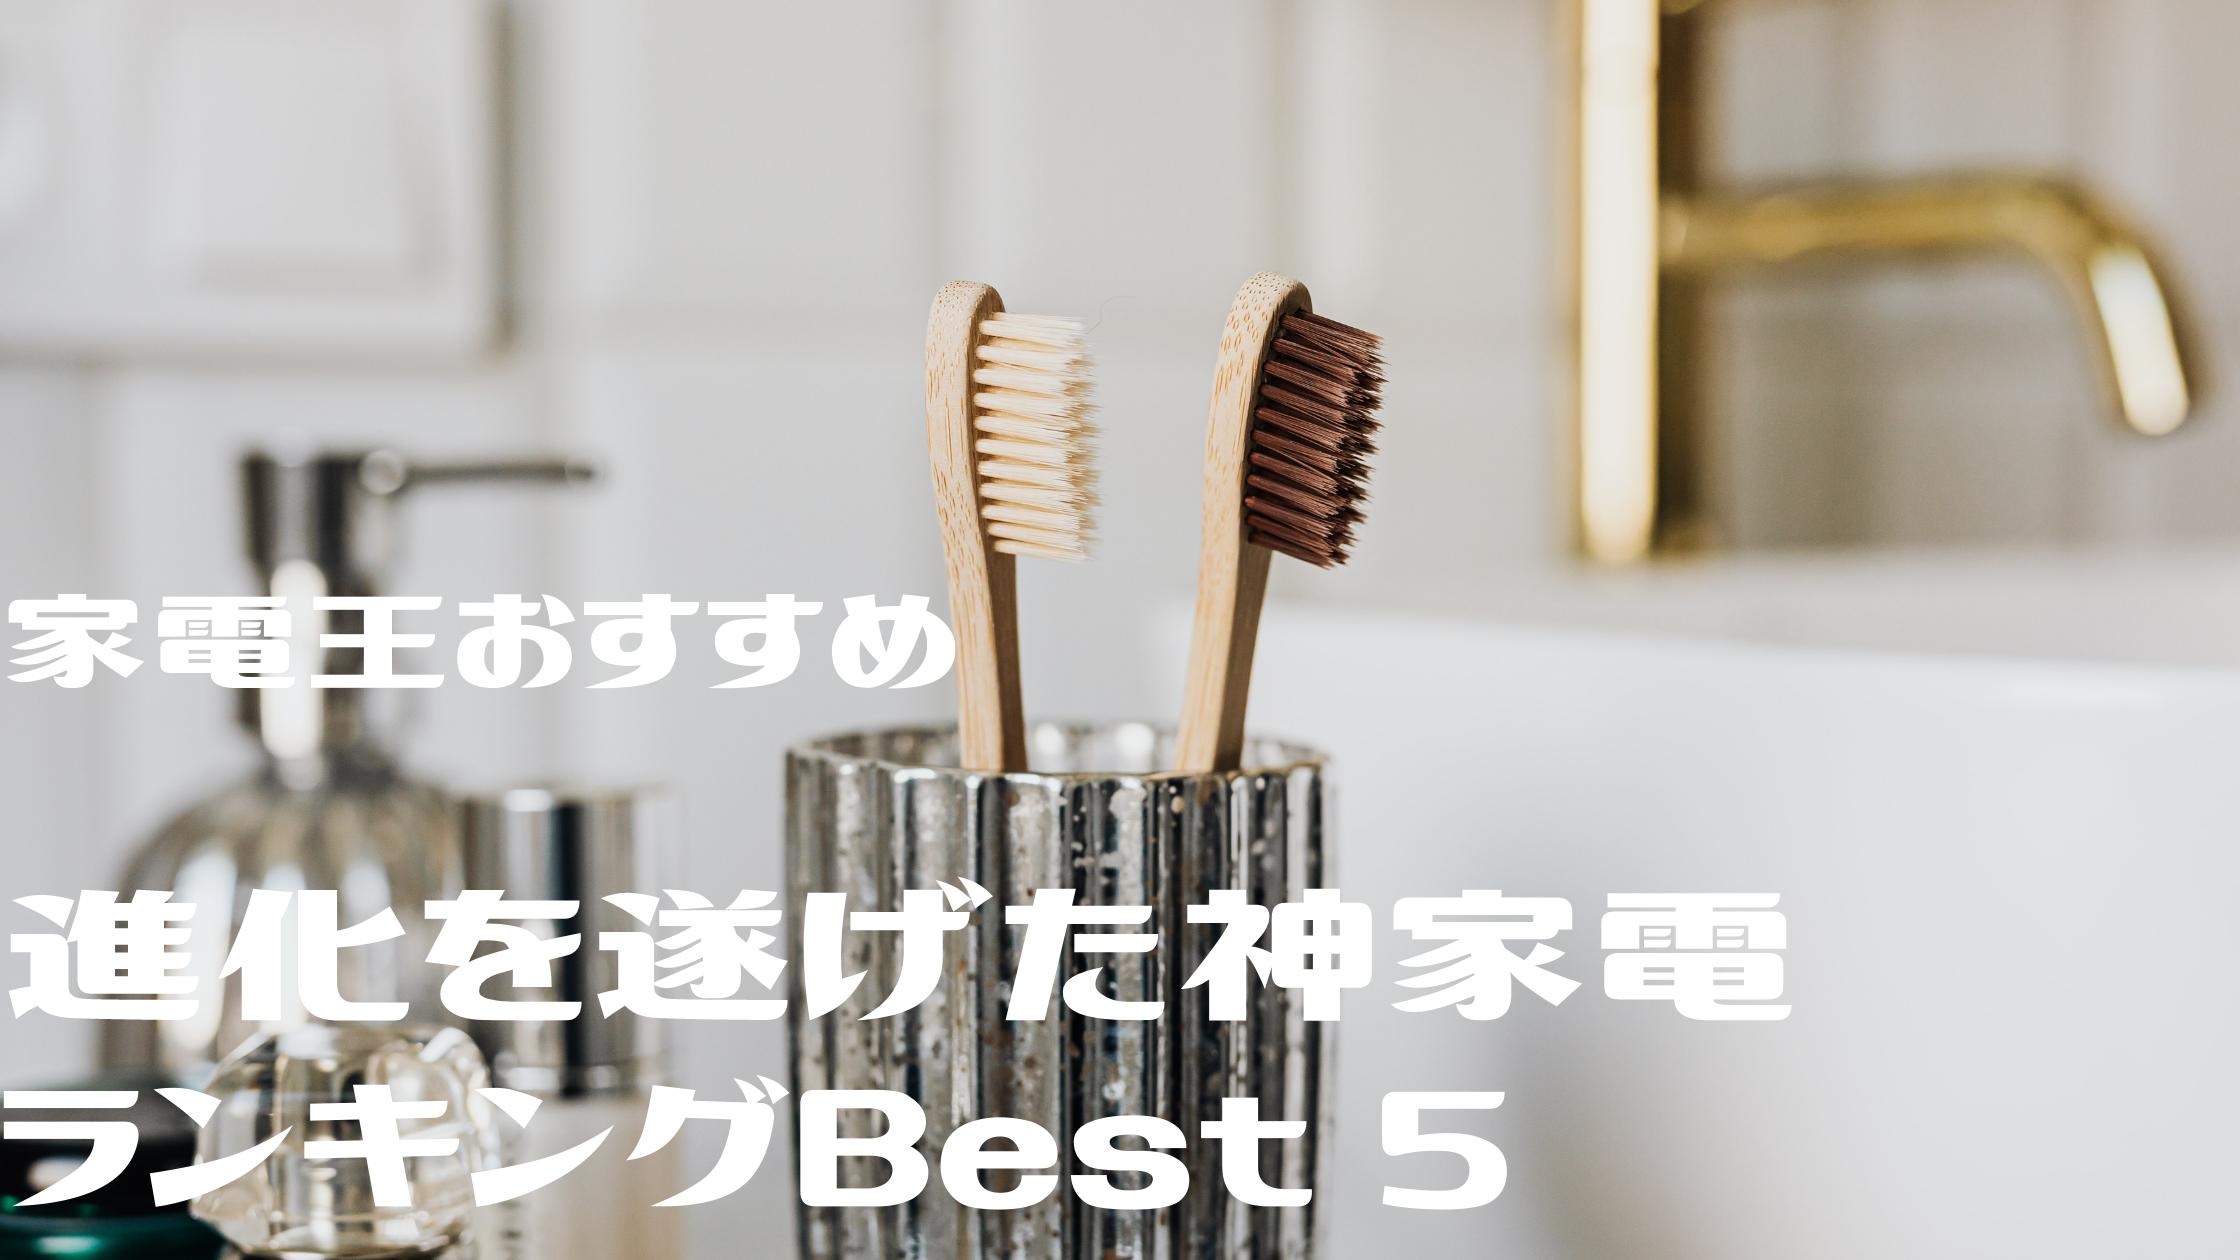 【神家電 best5】『バルミューダ ザ・ライト』『オズモ ポケット』『電動歯ブラシ』